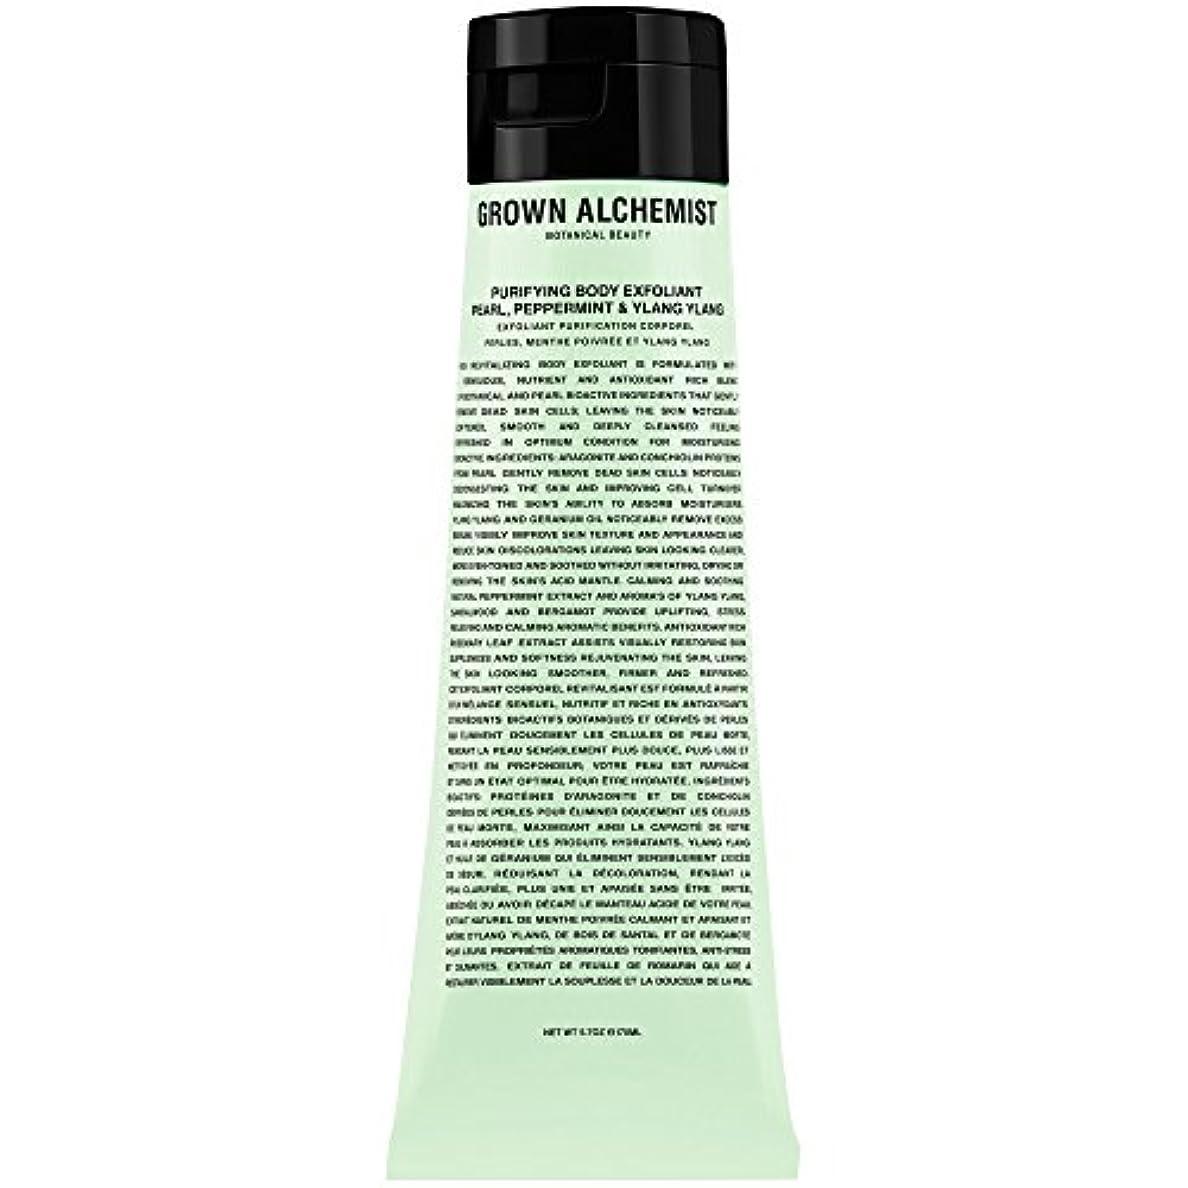 無線添加剤大量成長した錬金術師浄化体剥脱真珠ペパーミント&イランイラン170ミリリットル (Grown Alchemist) (x6) - Grown Alchemist Purifying Body Exfoliant Pearl...